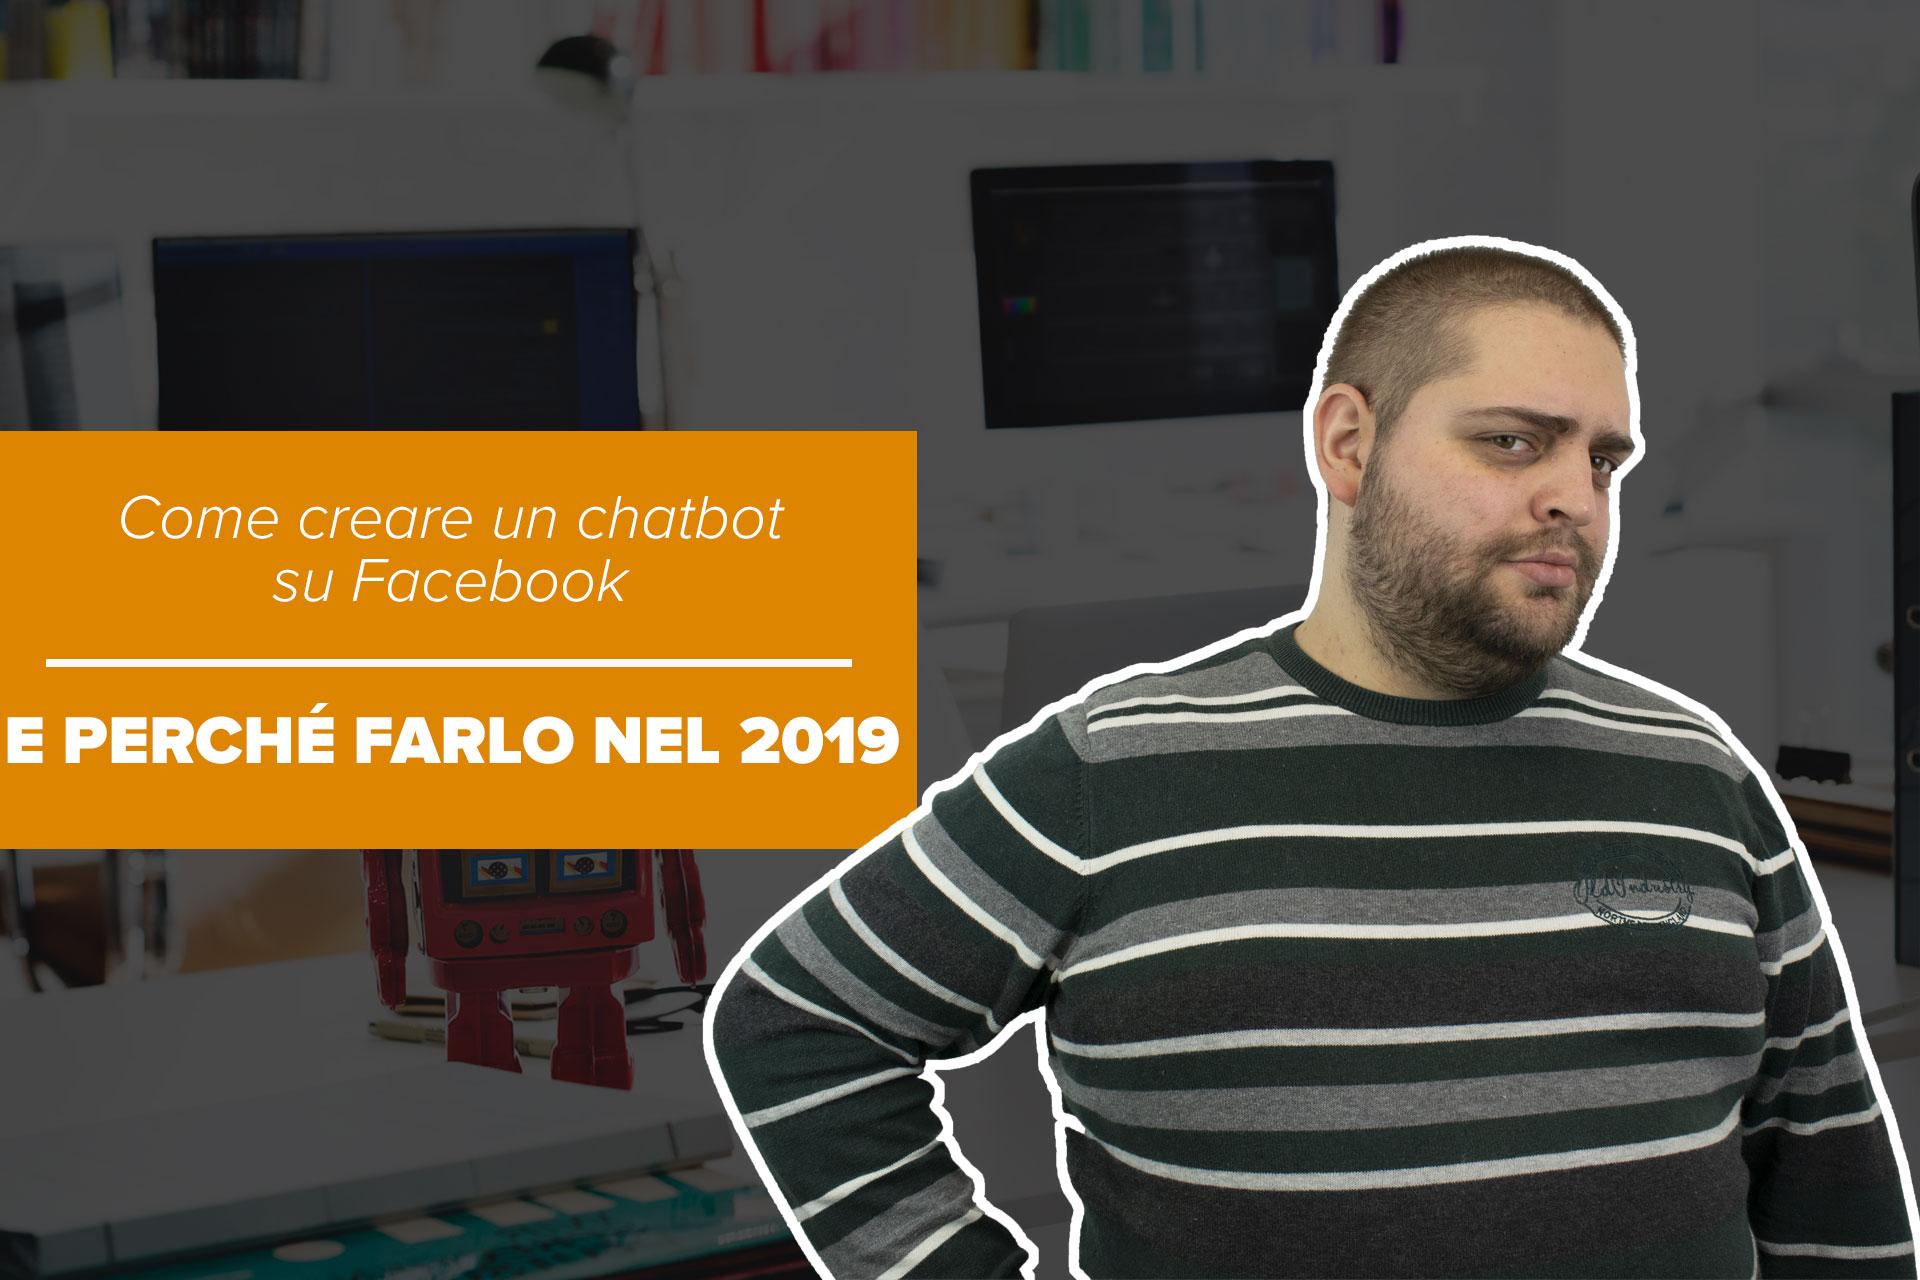 Creare un chatbot su Facebook e perché farlo nel 2019